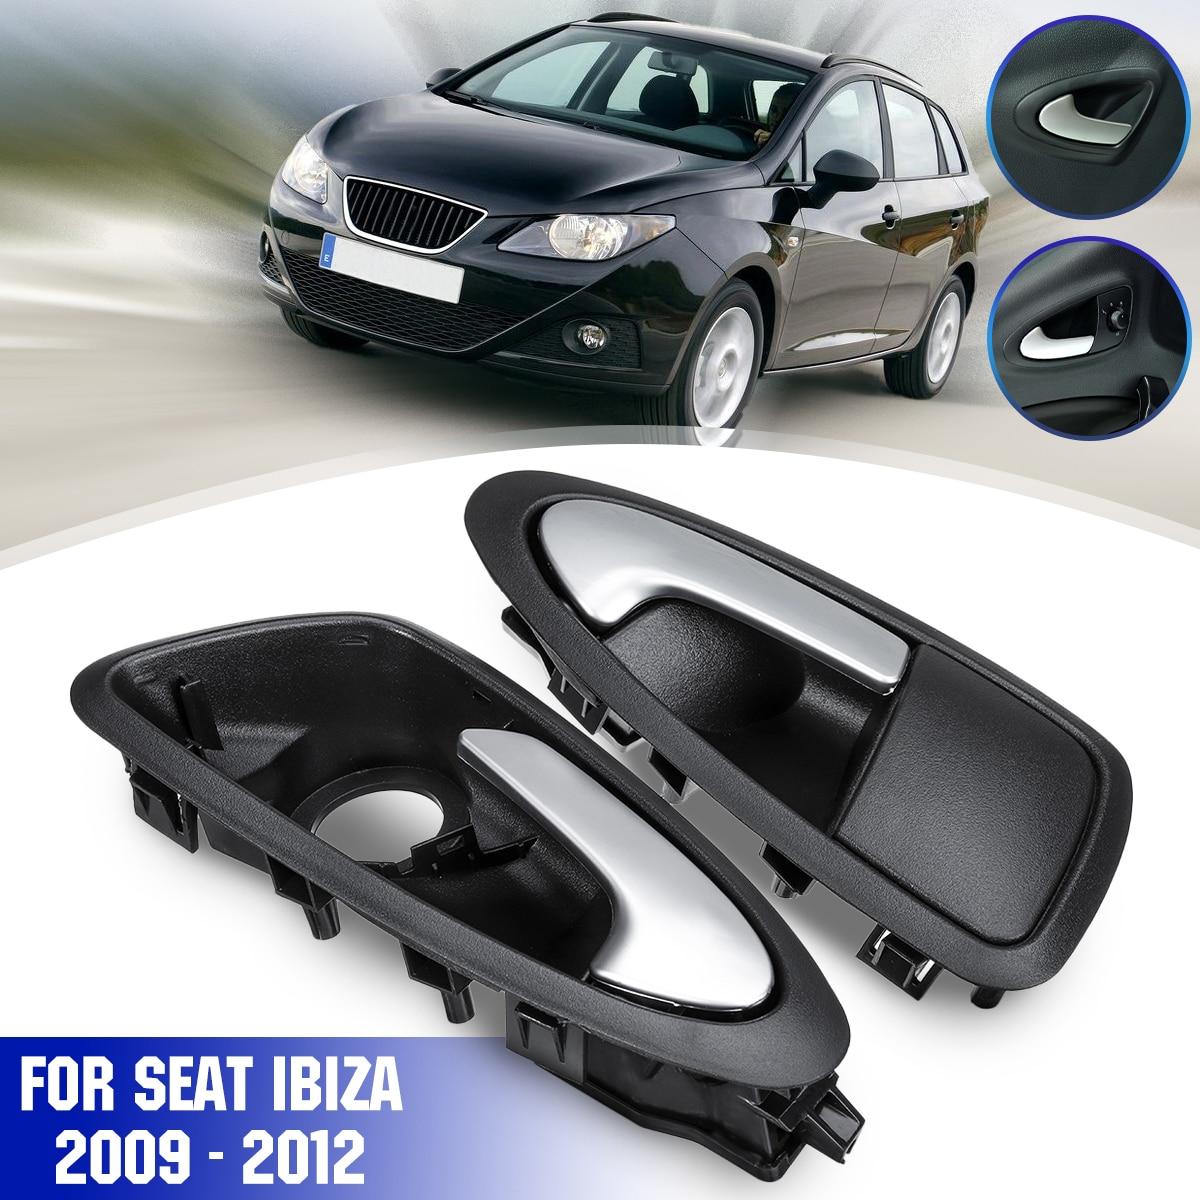 1x Door Handle Door Opener Seat Ibiza or Seat Cordoba Front or Rear Left # New #